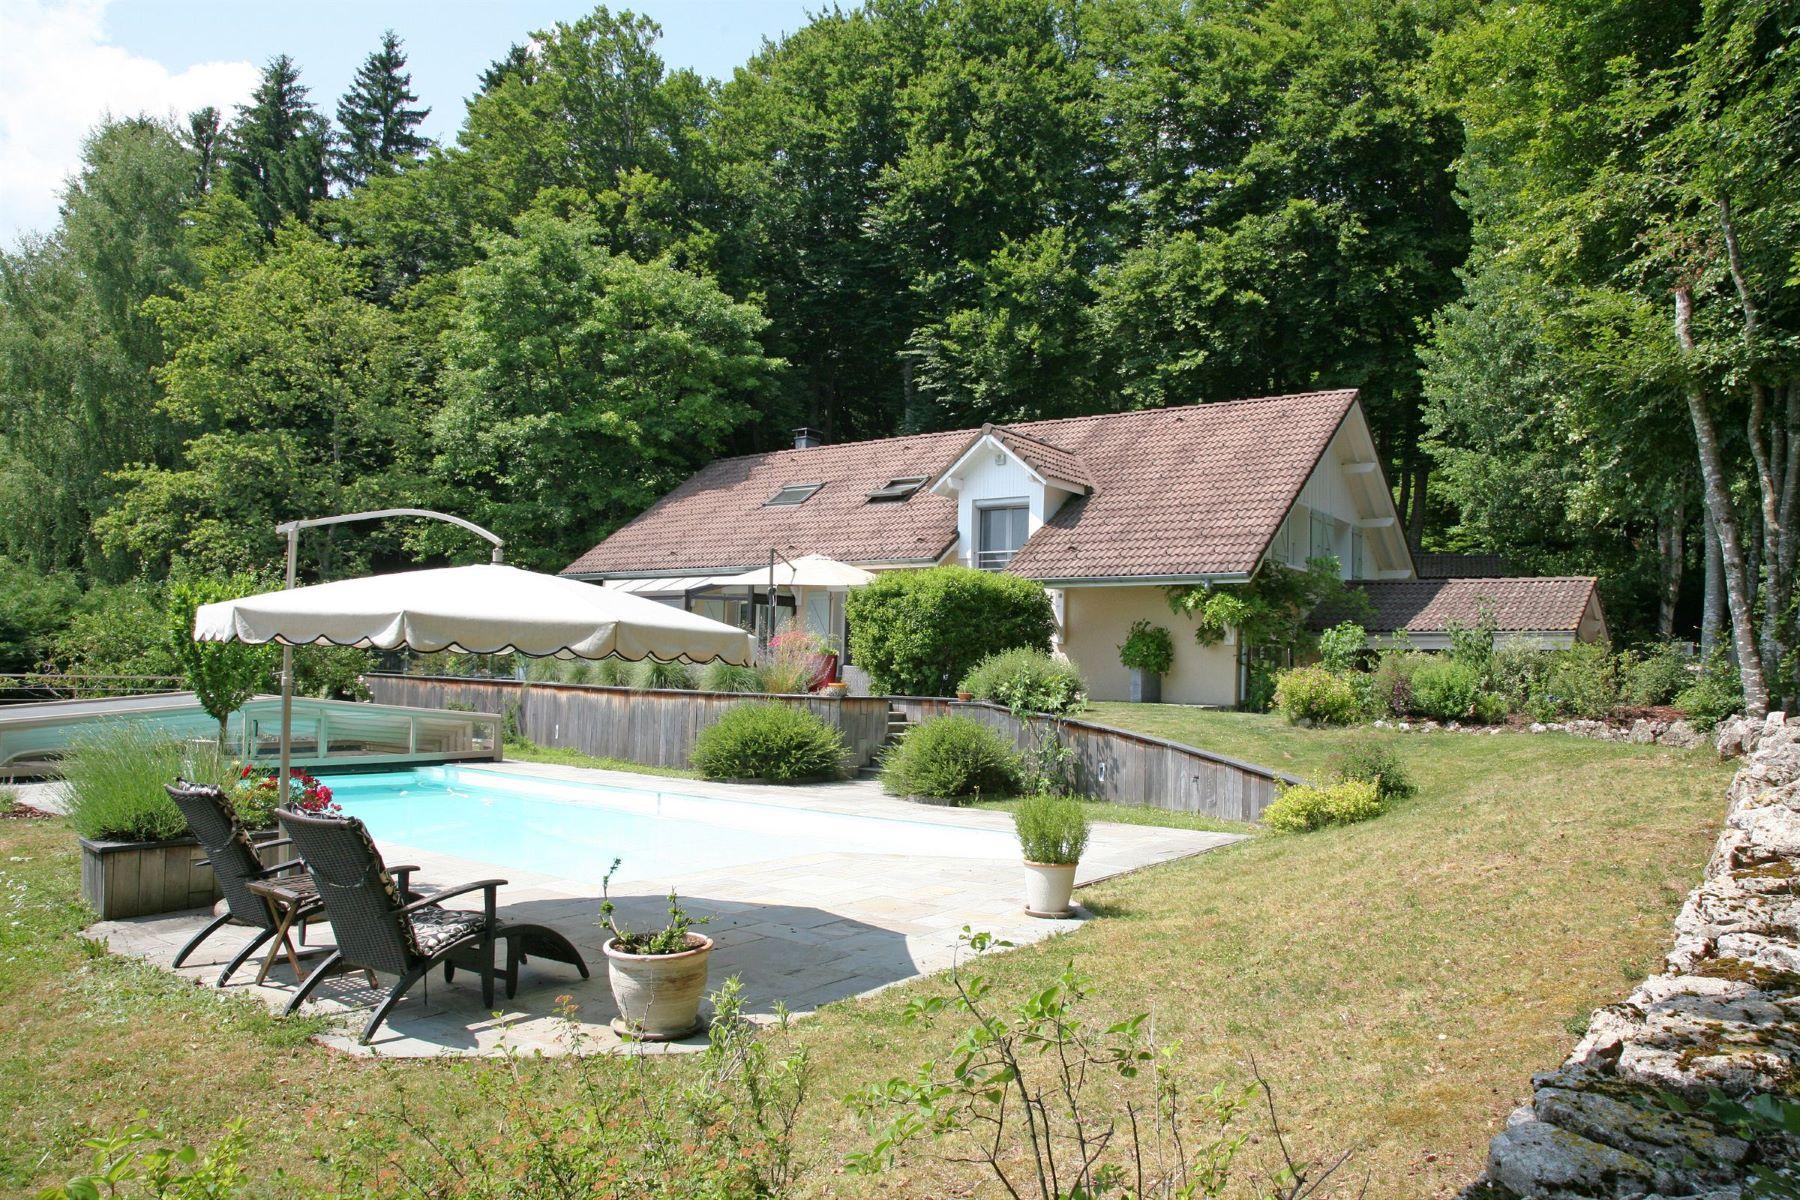 Single Family Home for Sale at Belle villa de charme avec piscine et vue panoramique sur les montagnes Cruseilles, Rhone-Alpes, 74350 France